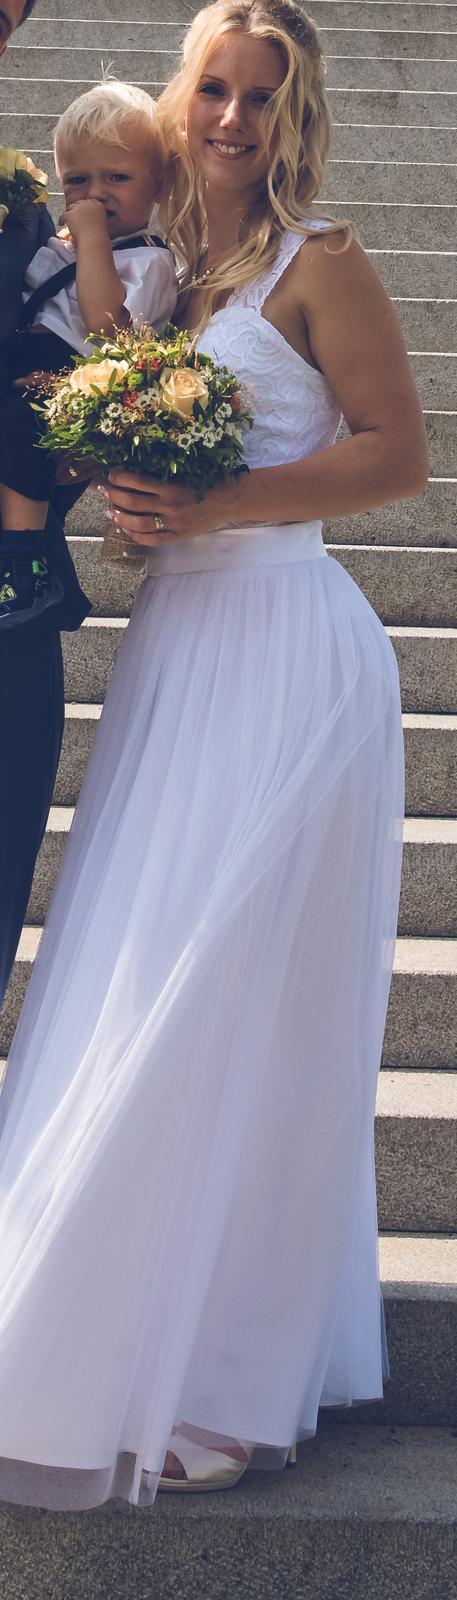 Svatební šaty šité na míru - Obrázek č. 4